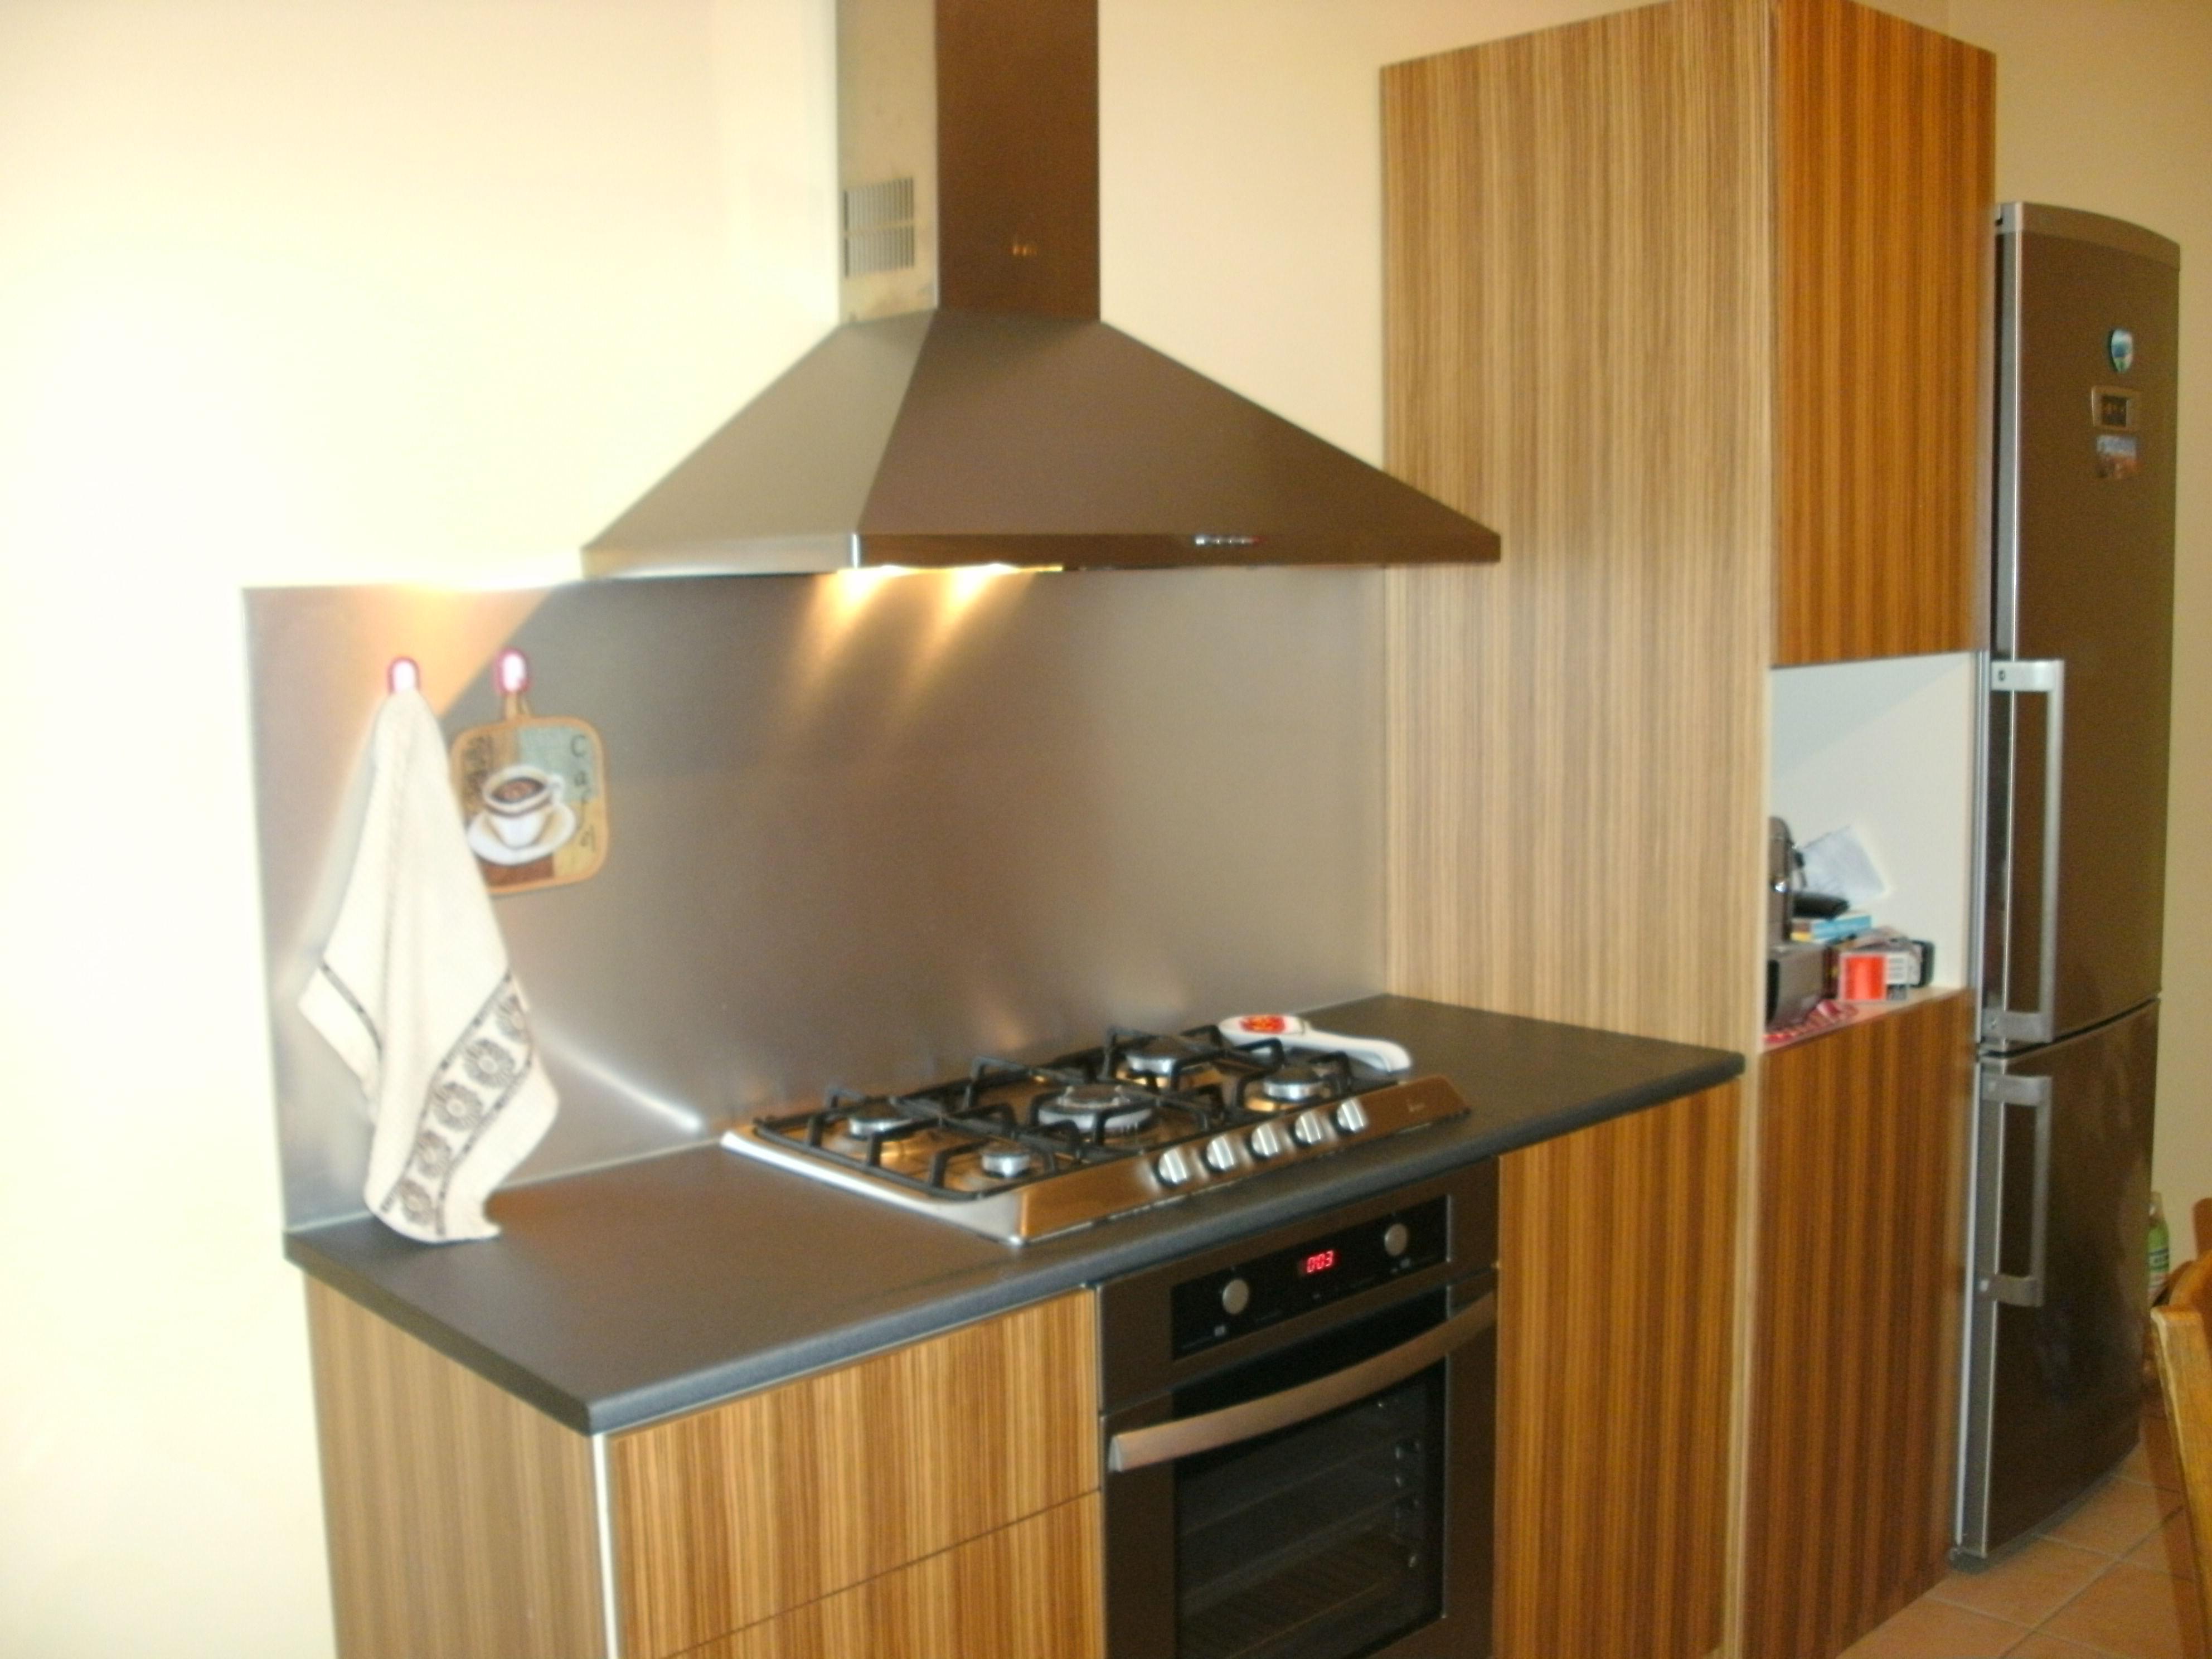 cucina su misura marrone realizzata da linea legno